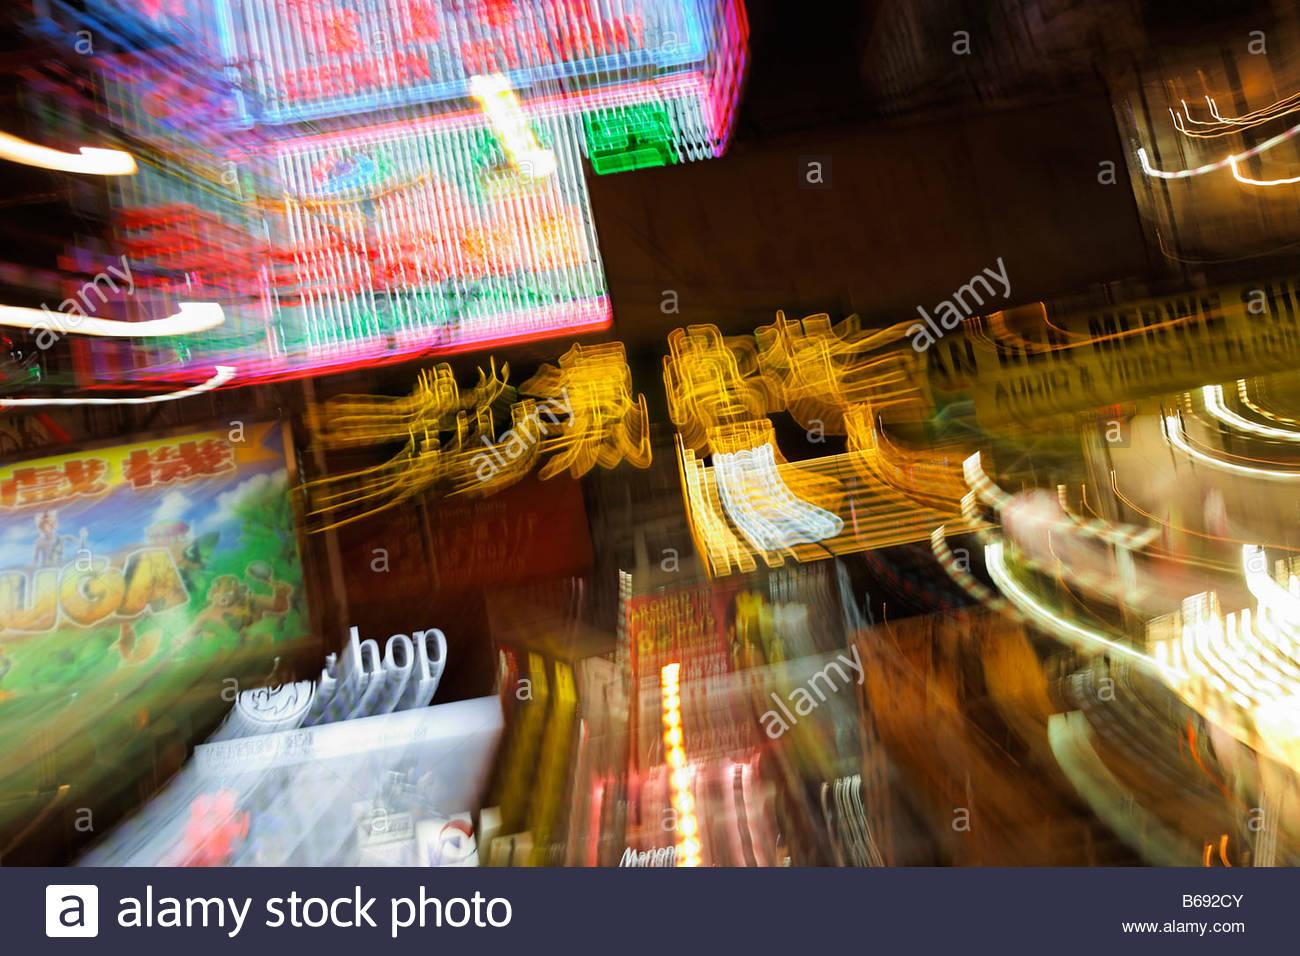 neon signs advertising, Tsim Sha Tsui, Hong Kong, China - Stock Image